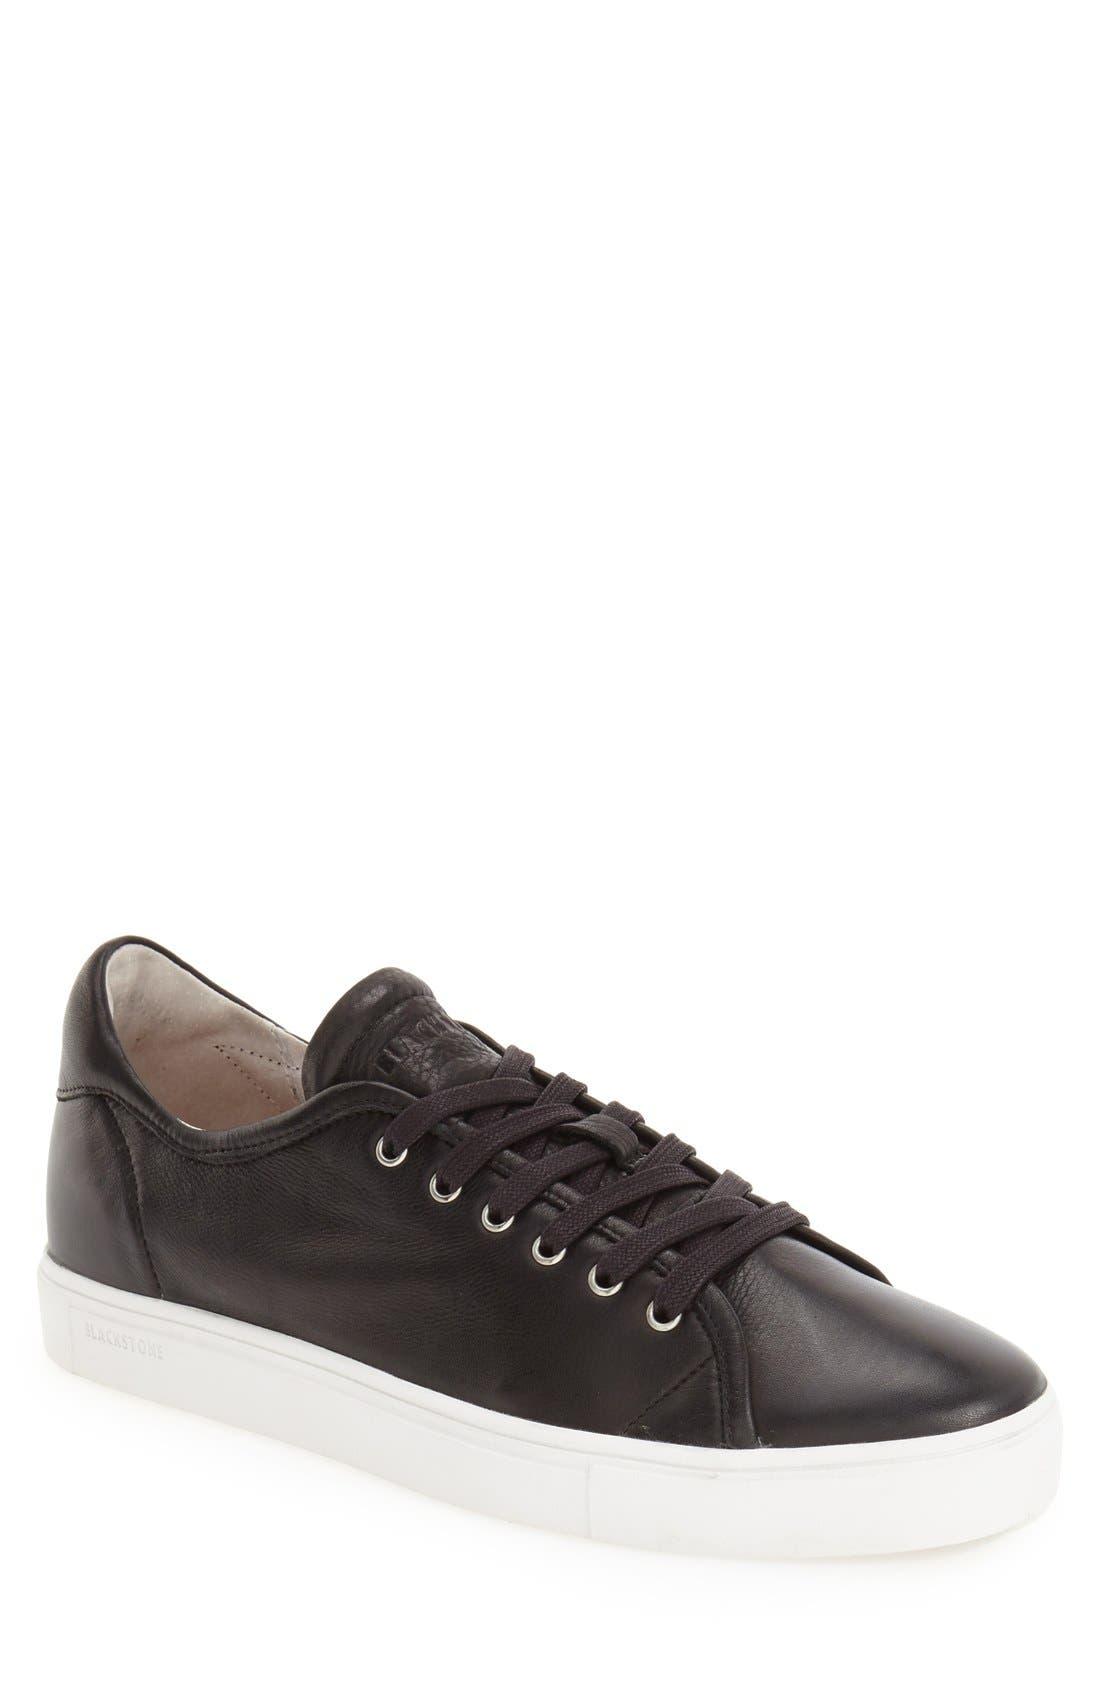 Blacktone 'LM24' Sneaker,                         Main,                         color, 001